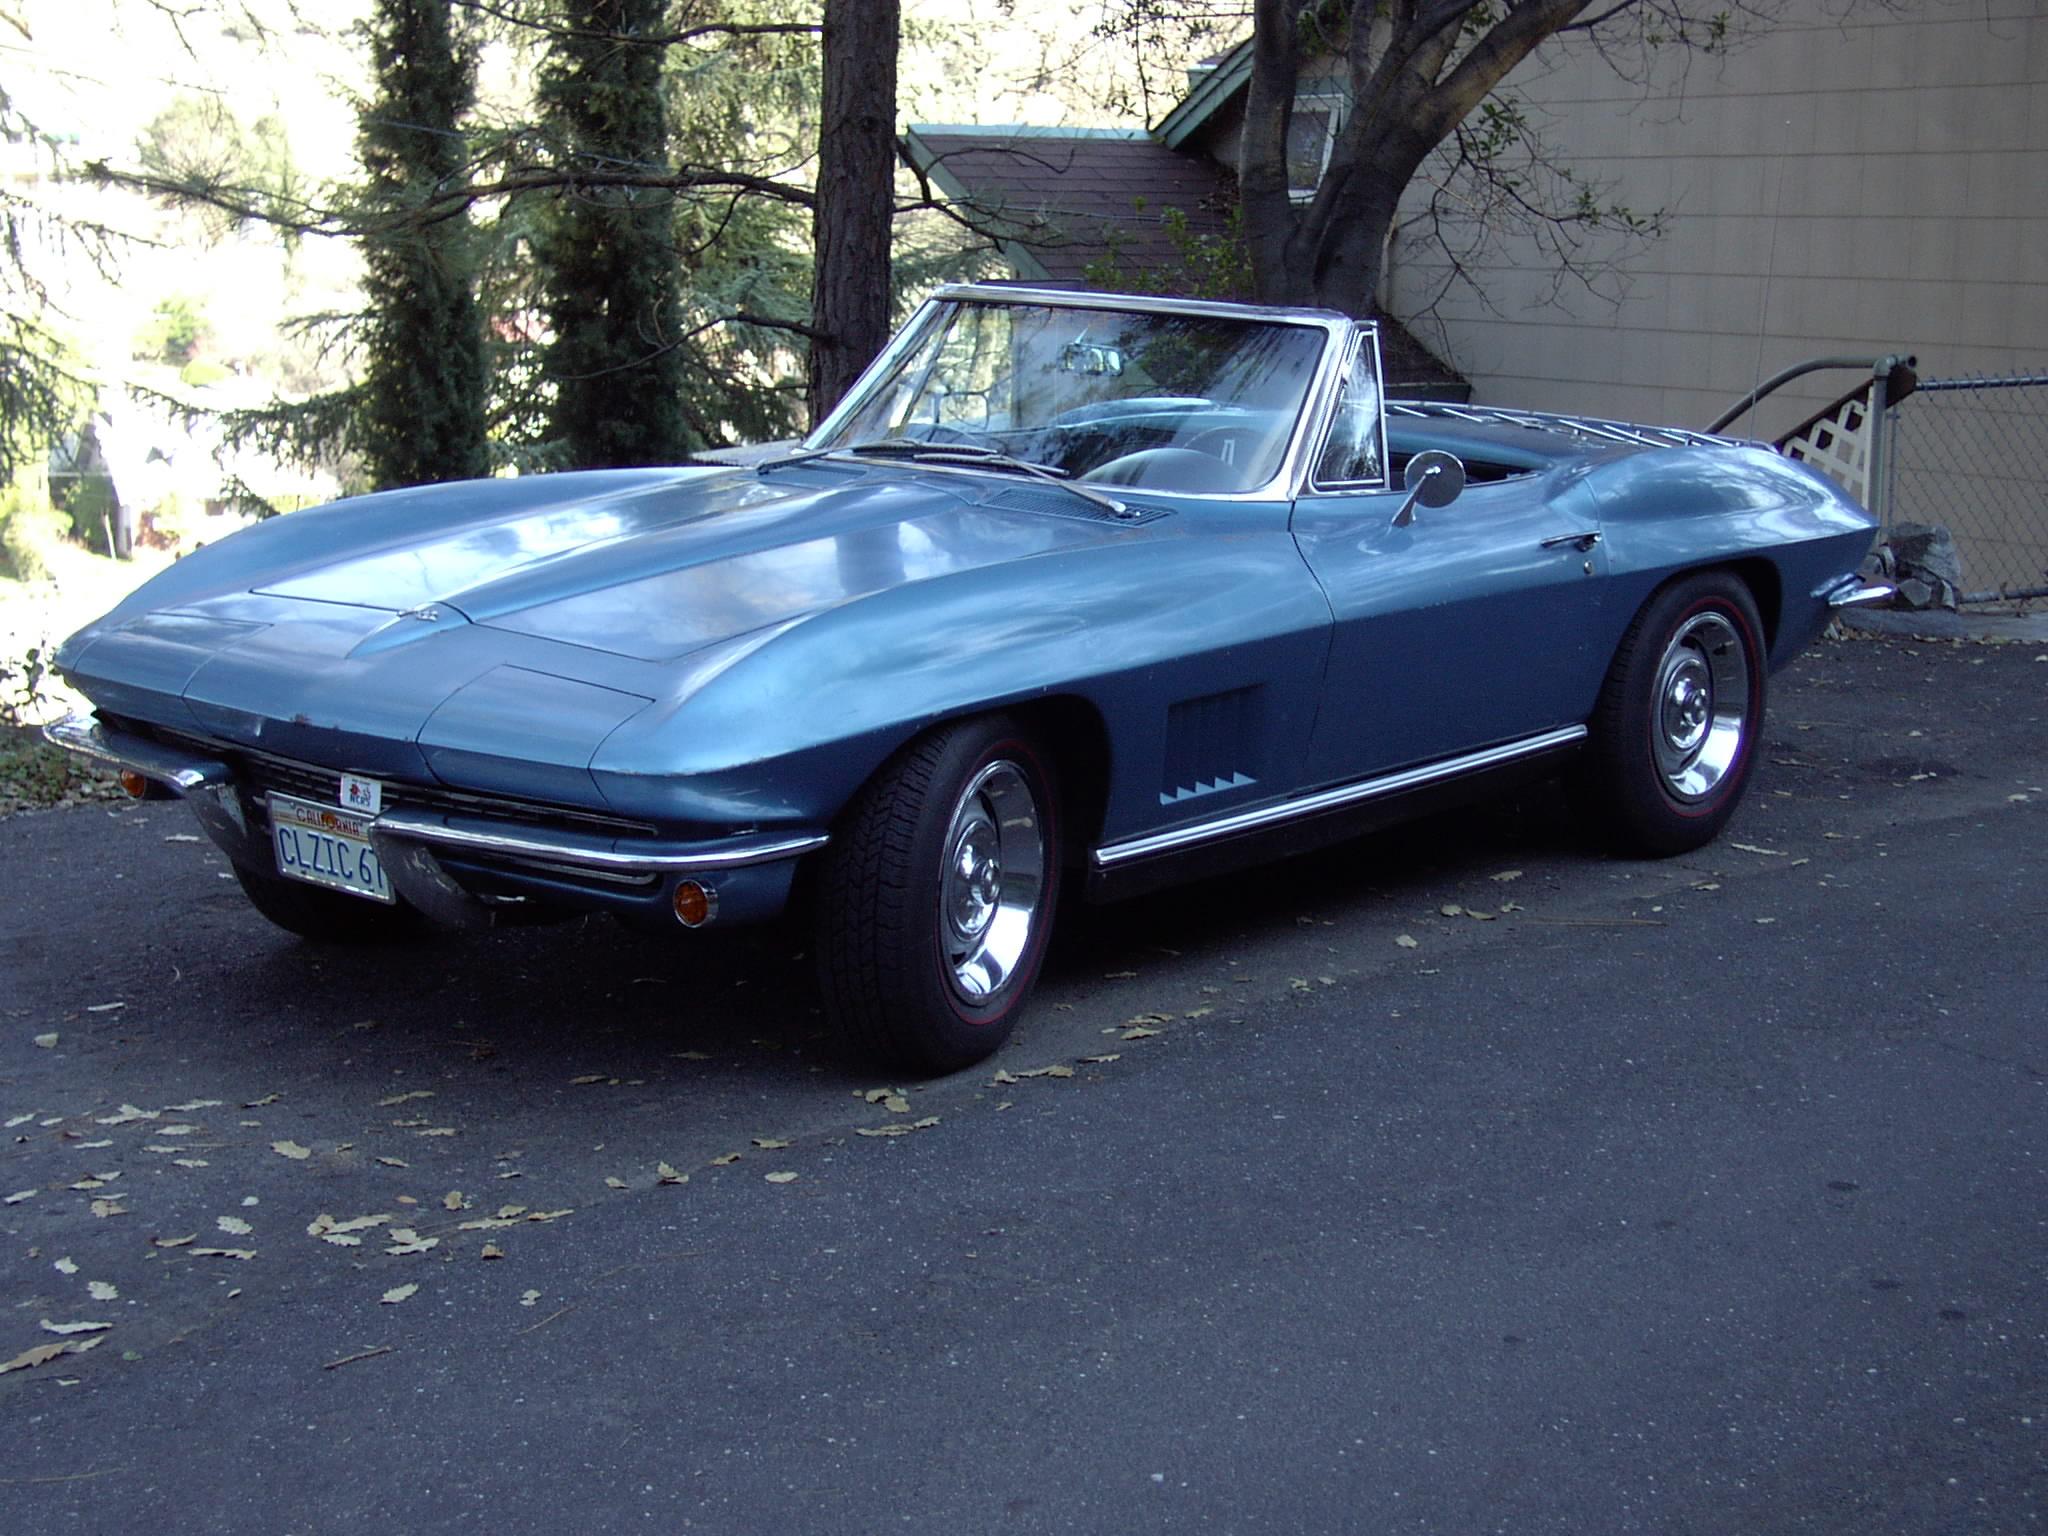 Gerard Fuccillos '67 Corvette